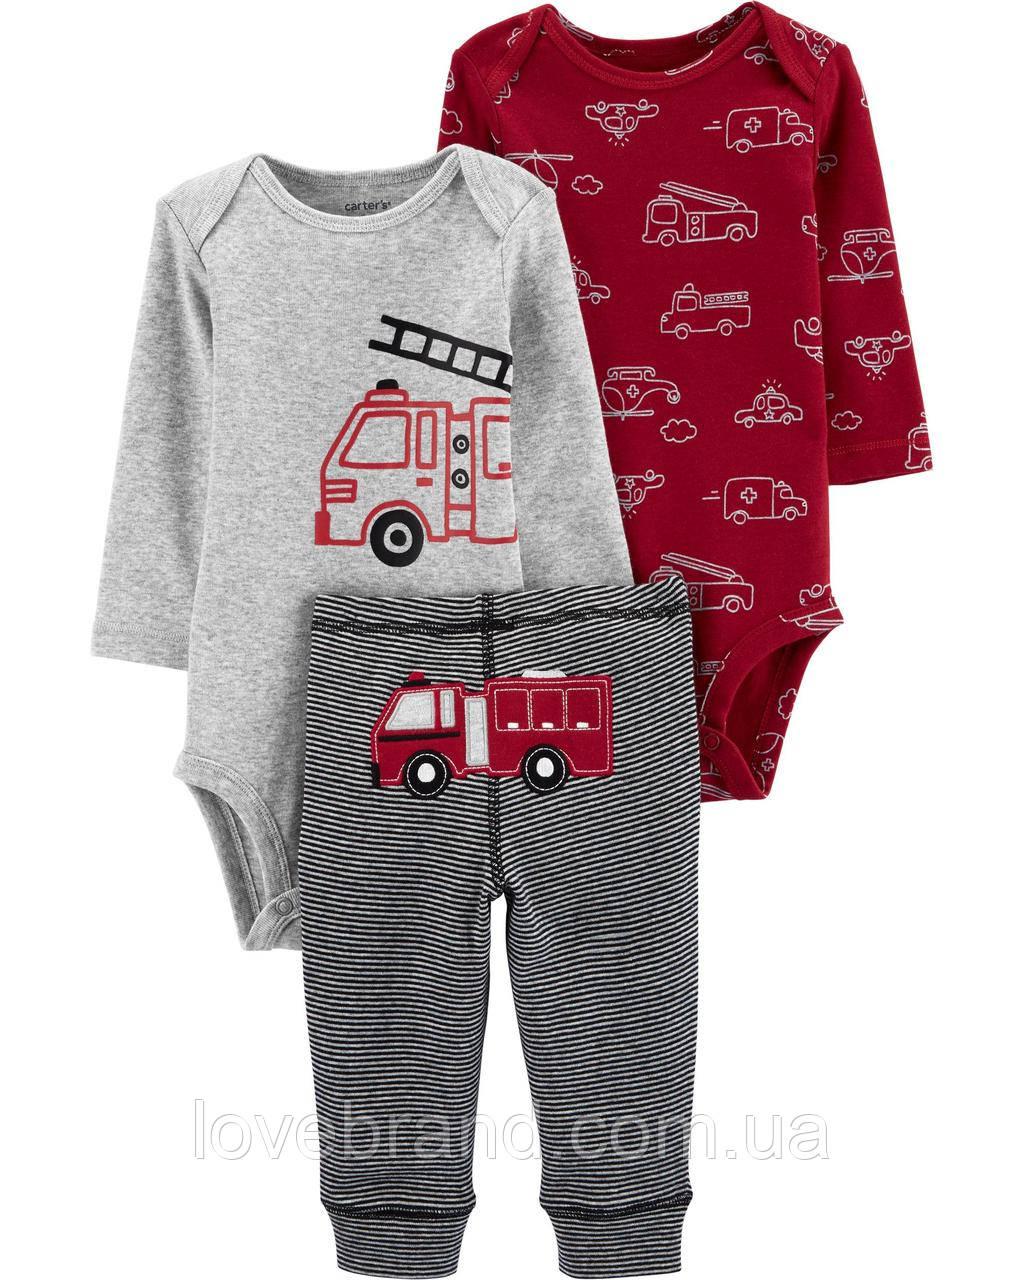 """Набор для мальчика Carter's """"Пожарная машина"""" боди на длинный + штанишки, костюм картерс, веселые попки"""